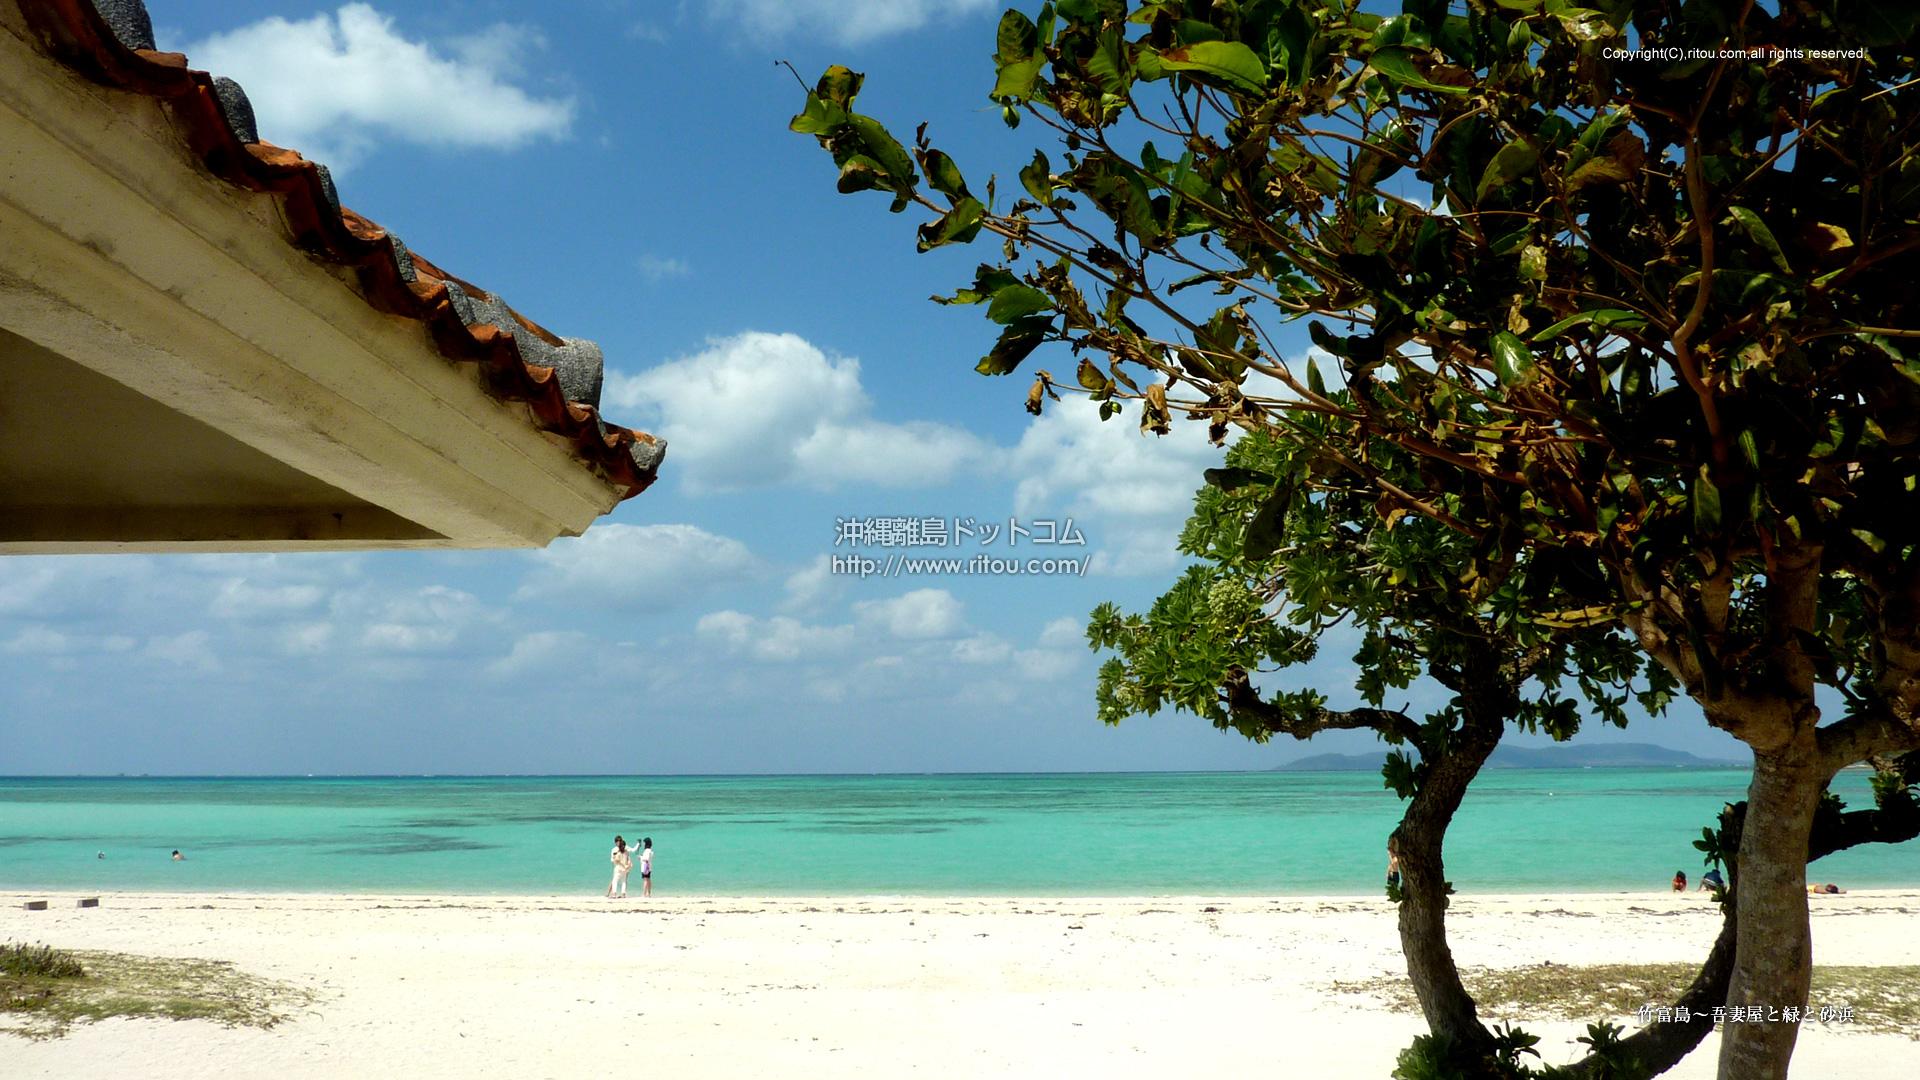 竹富島〜吾妻屋と緑と砂浜